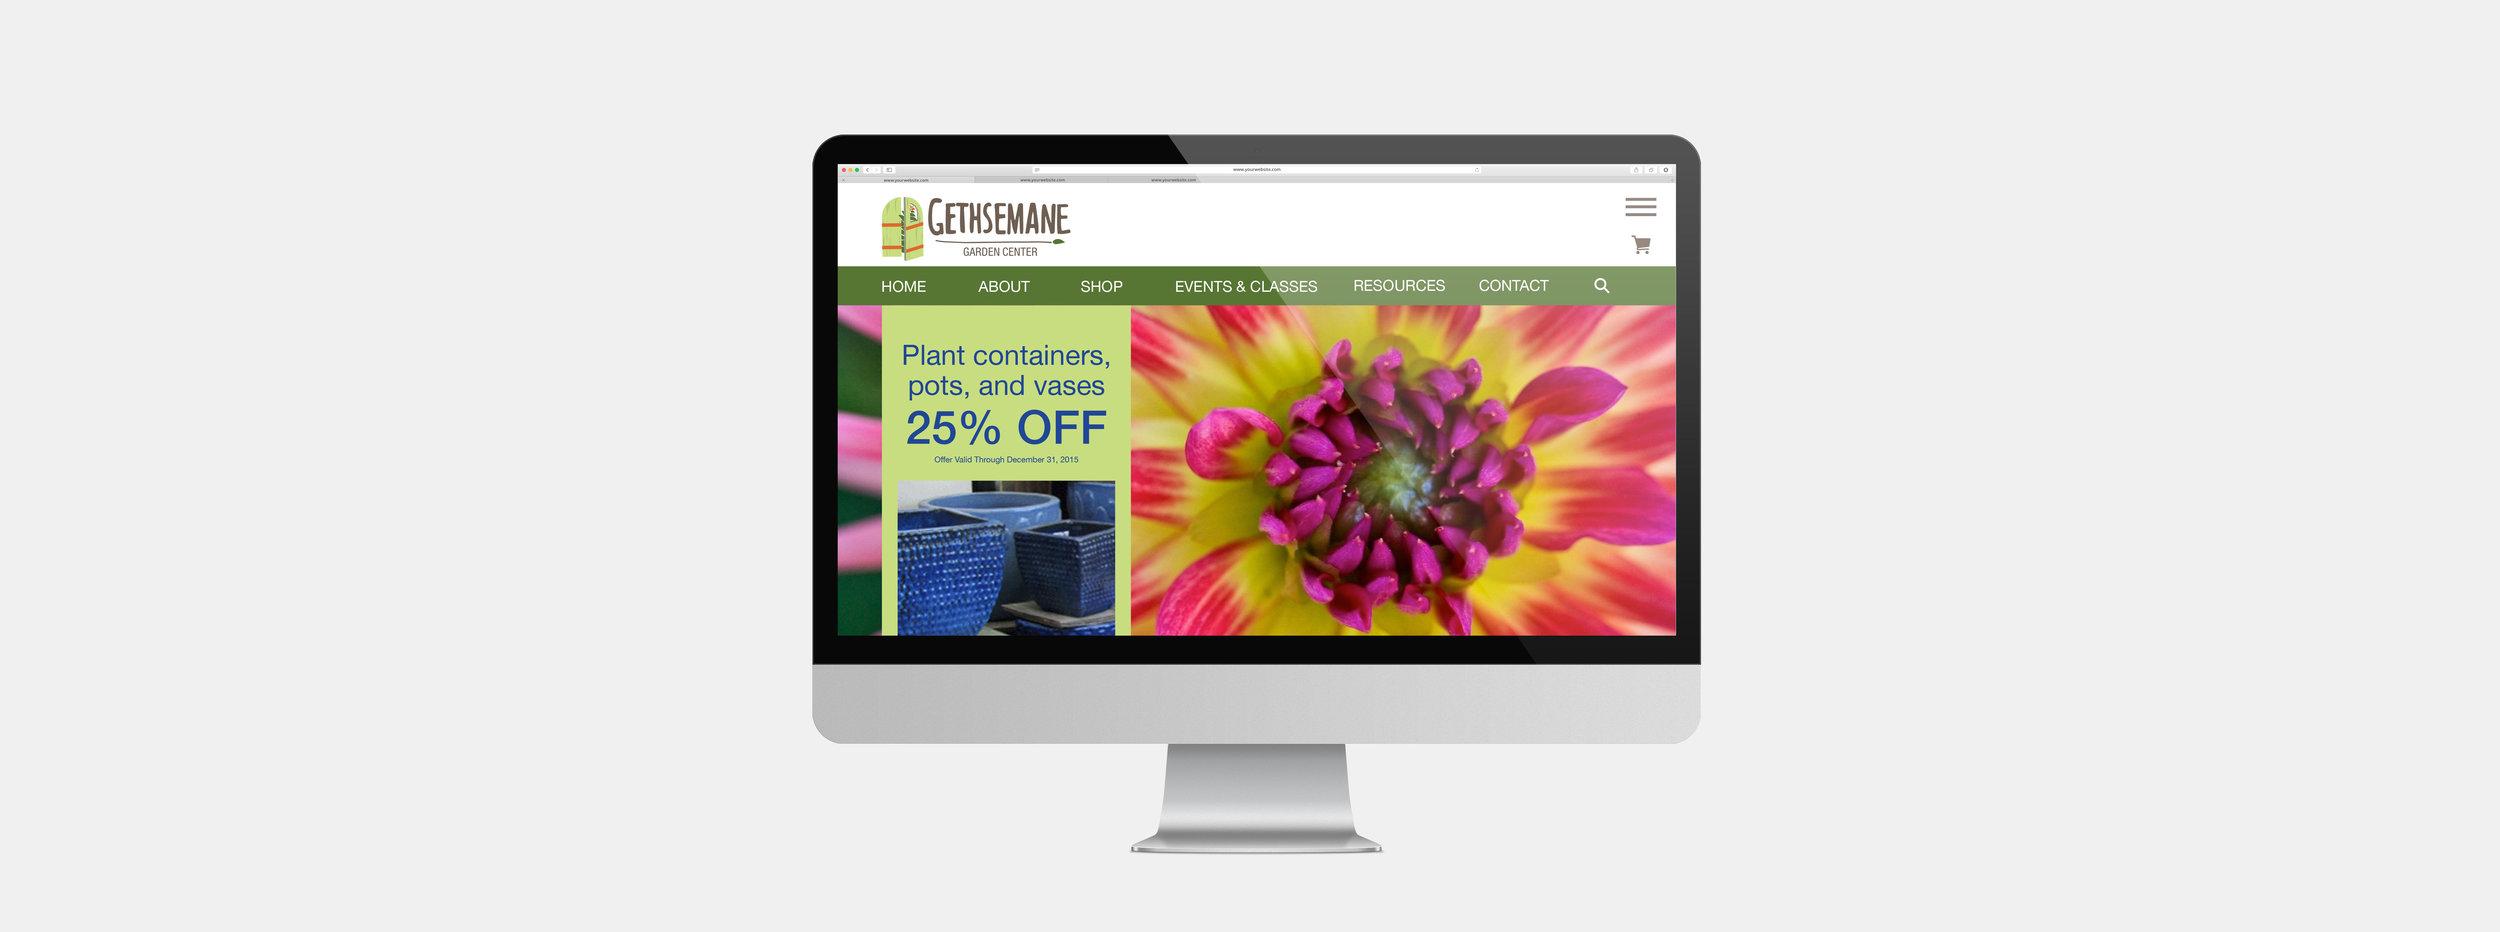 gethsemane_desktop mockup1 2.jpg